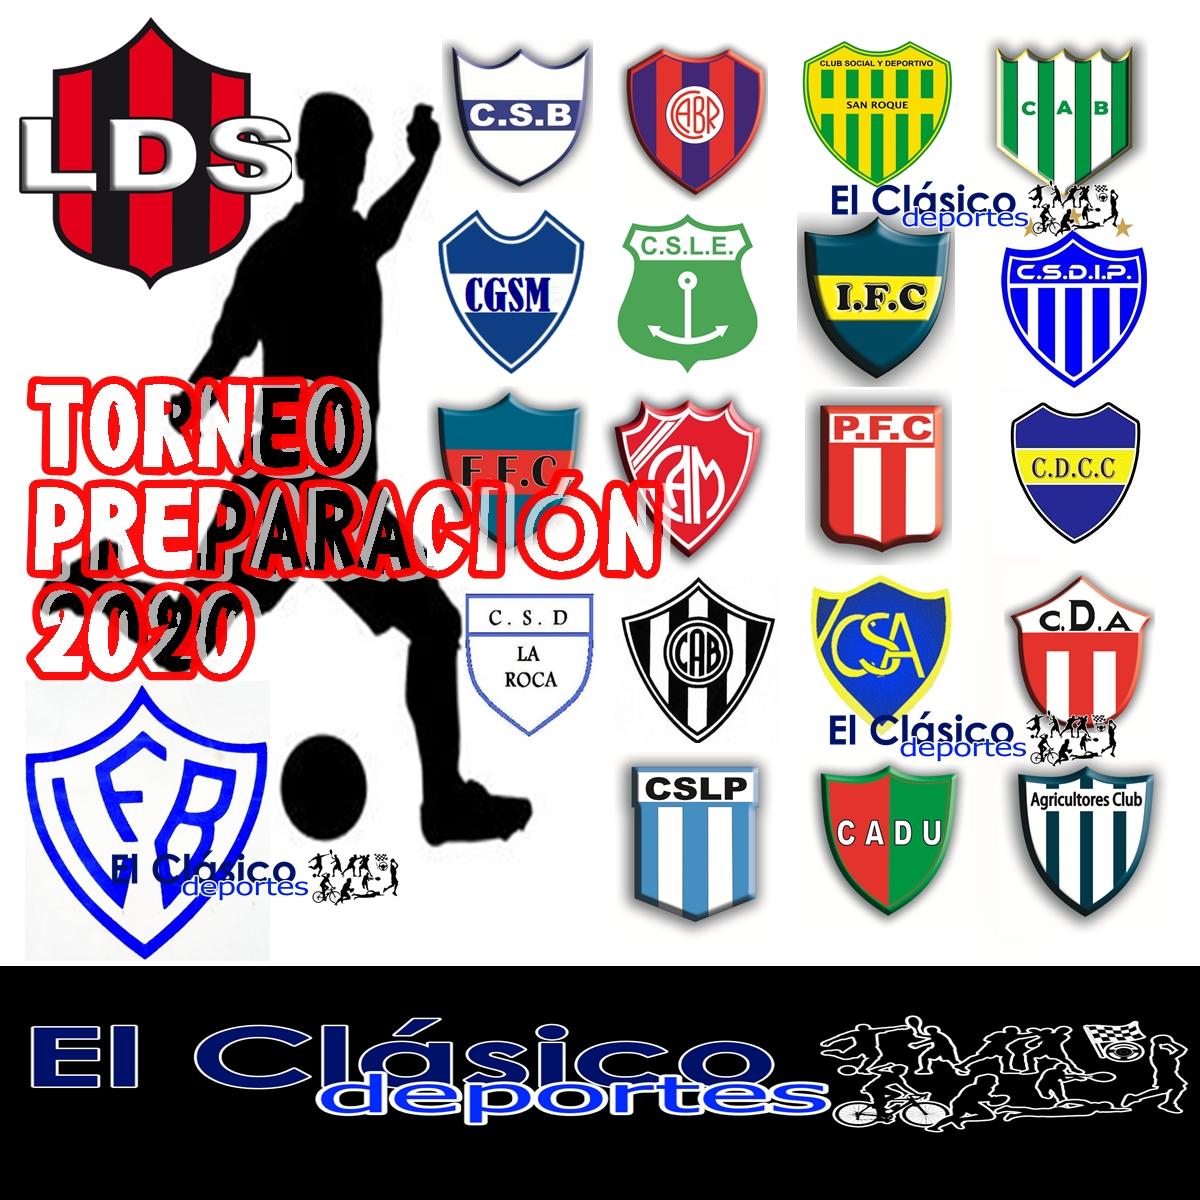 Fútbol local: El fixture del Torneo Preparación 2020